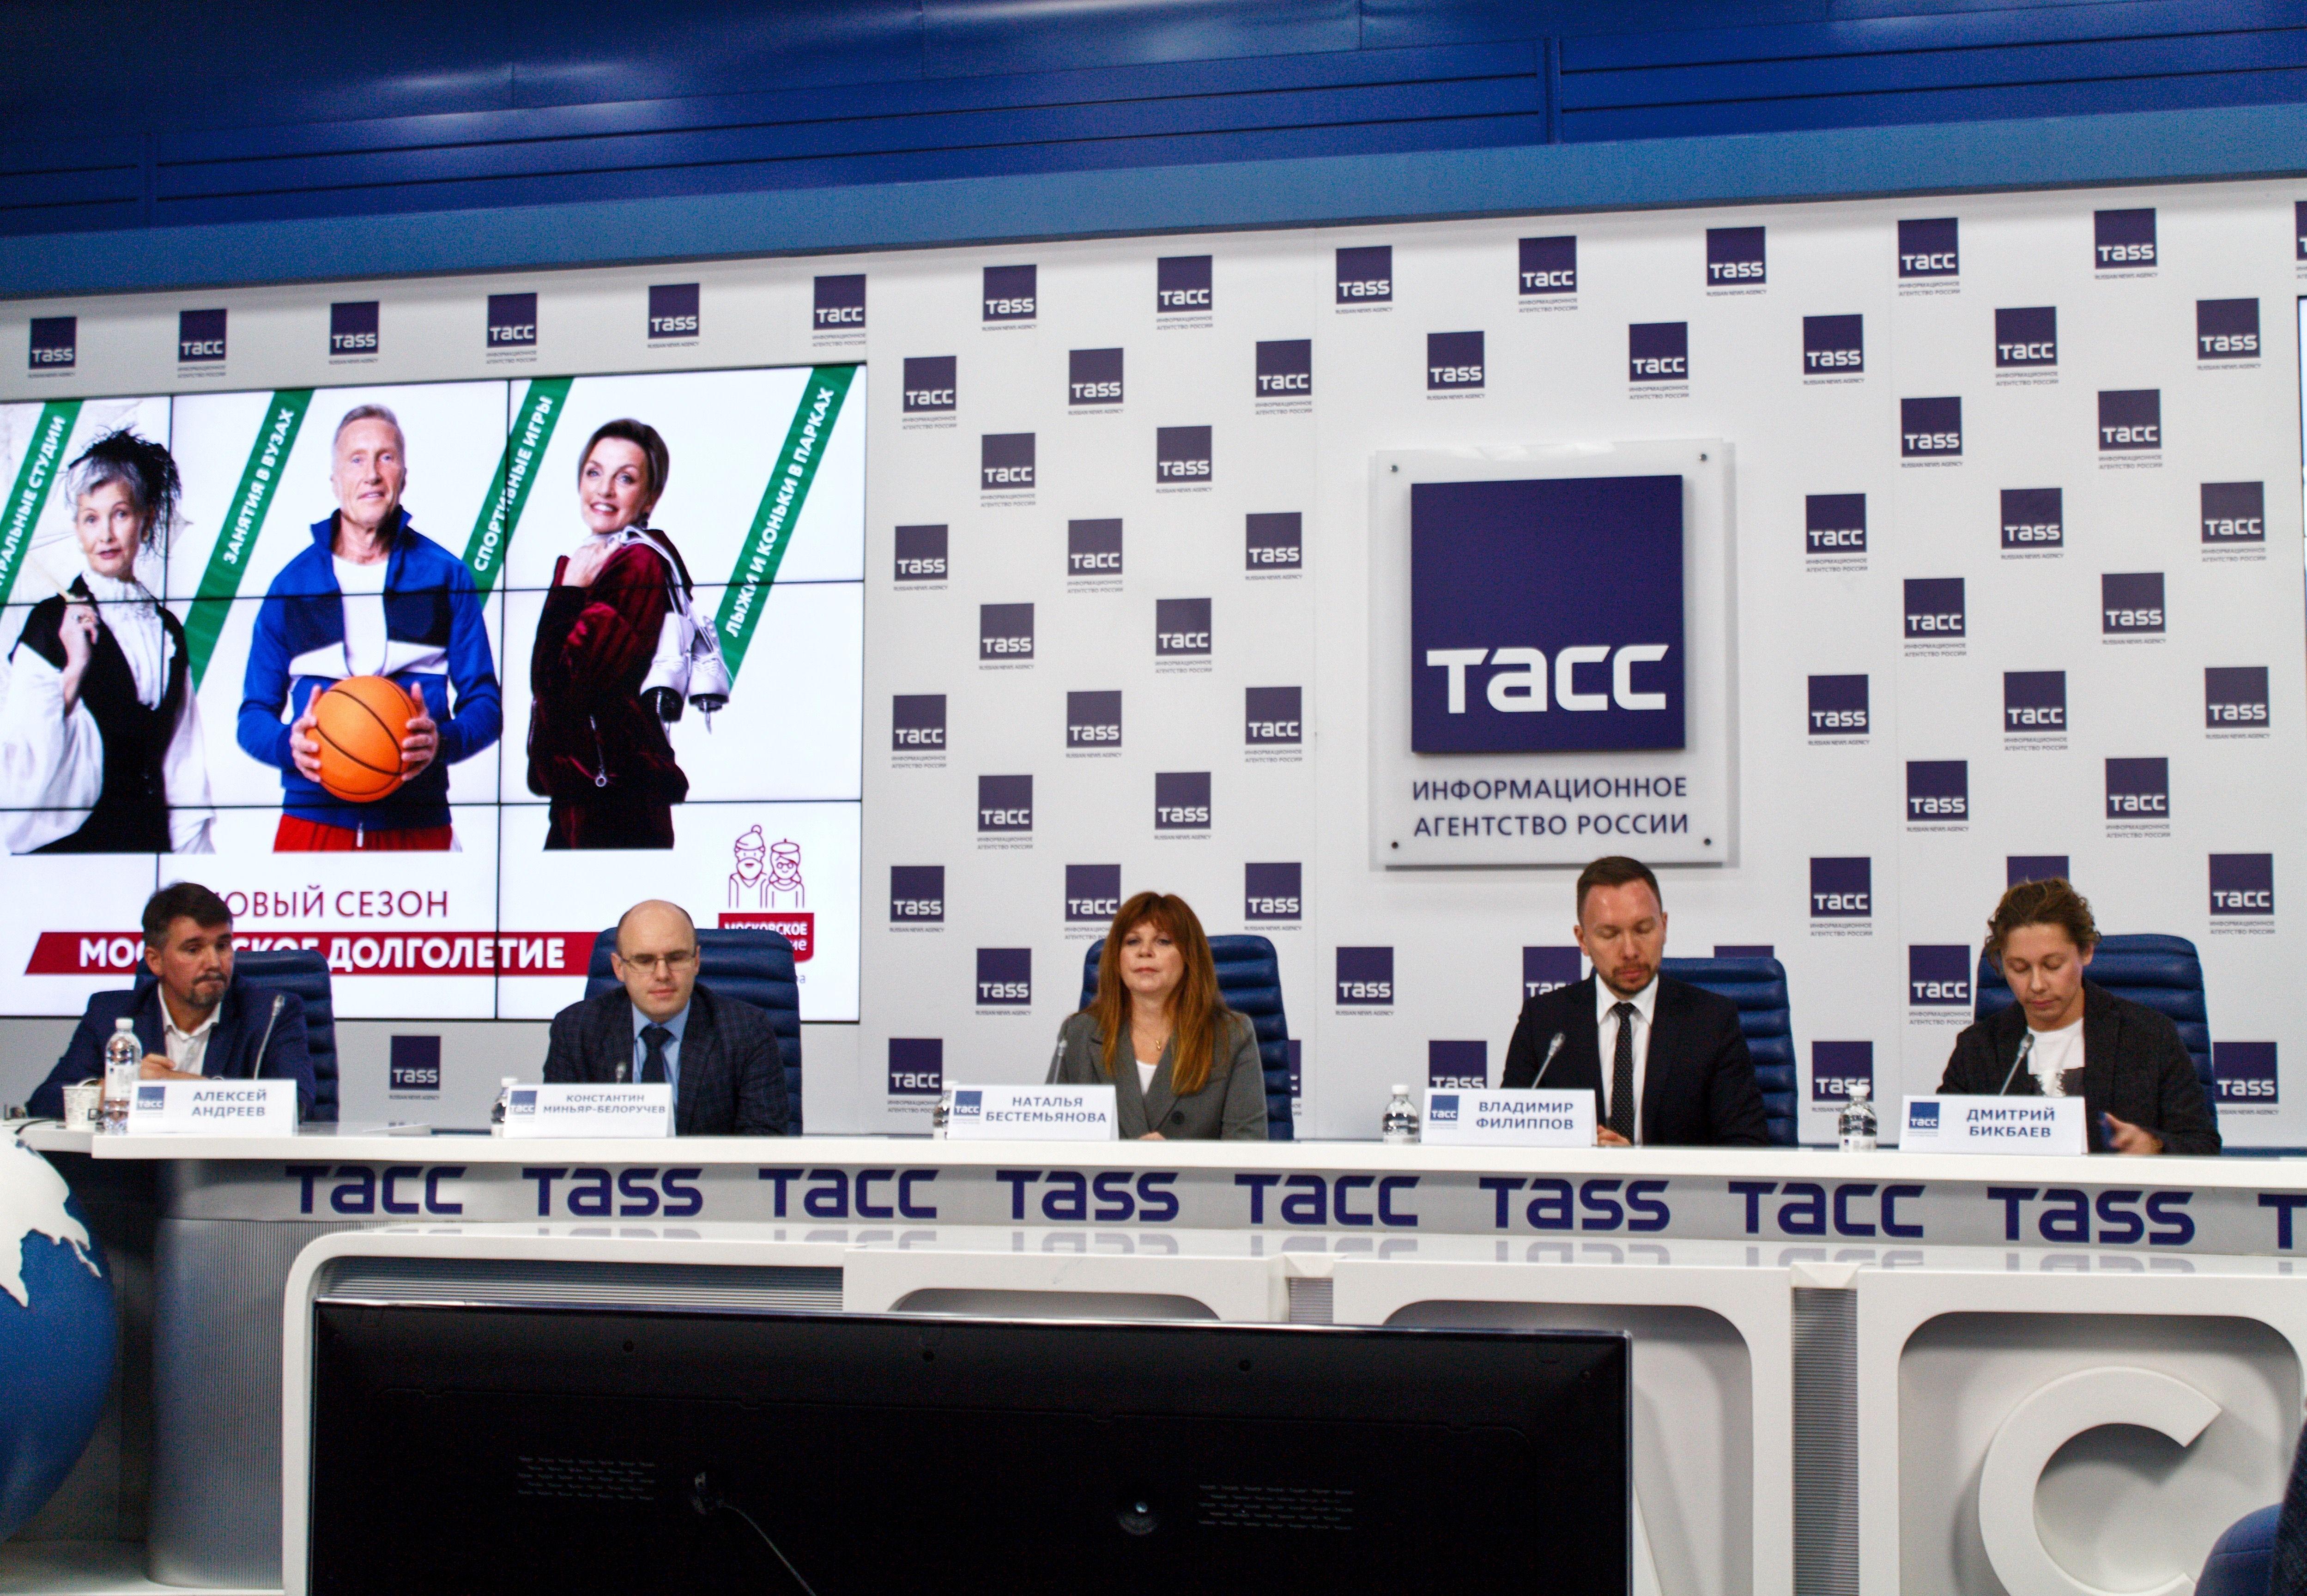 Пресс-конференцию организовали к старту осенне-зимнего сезона «Московского долголетия»